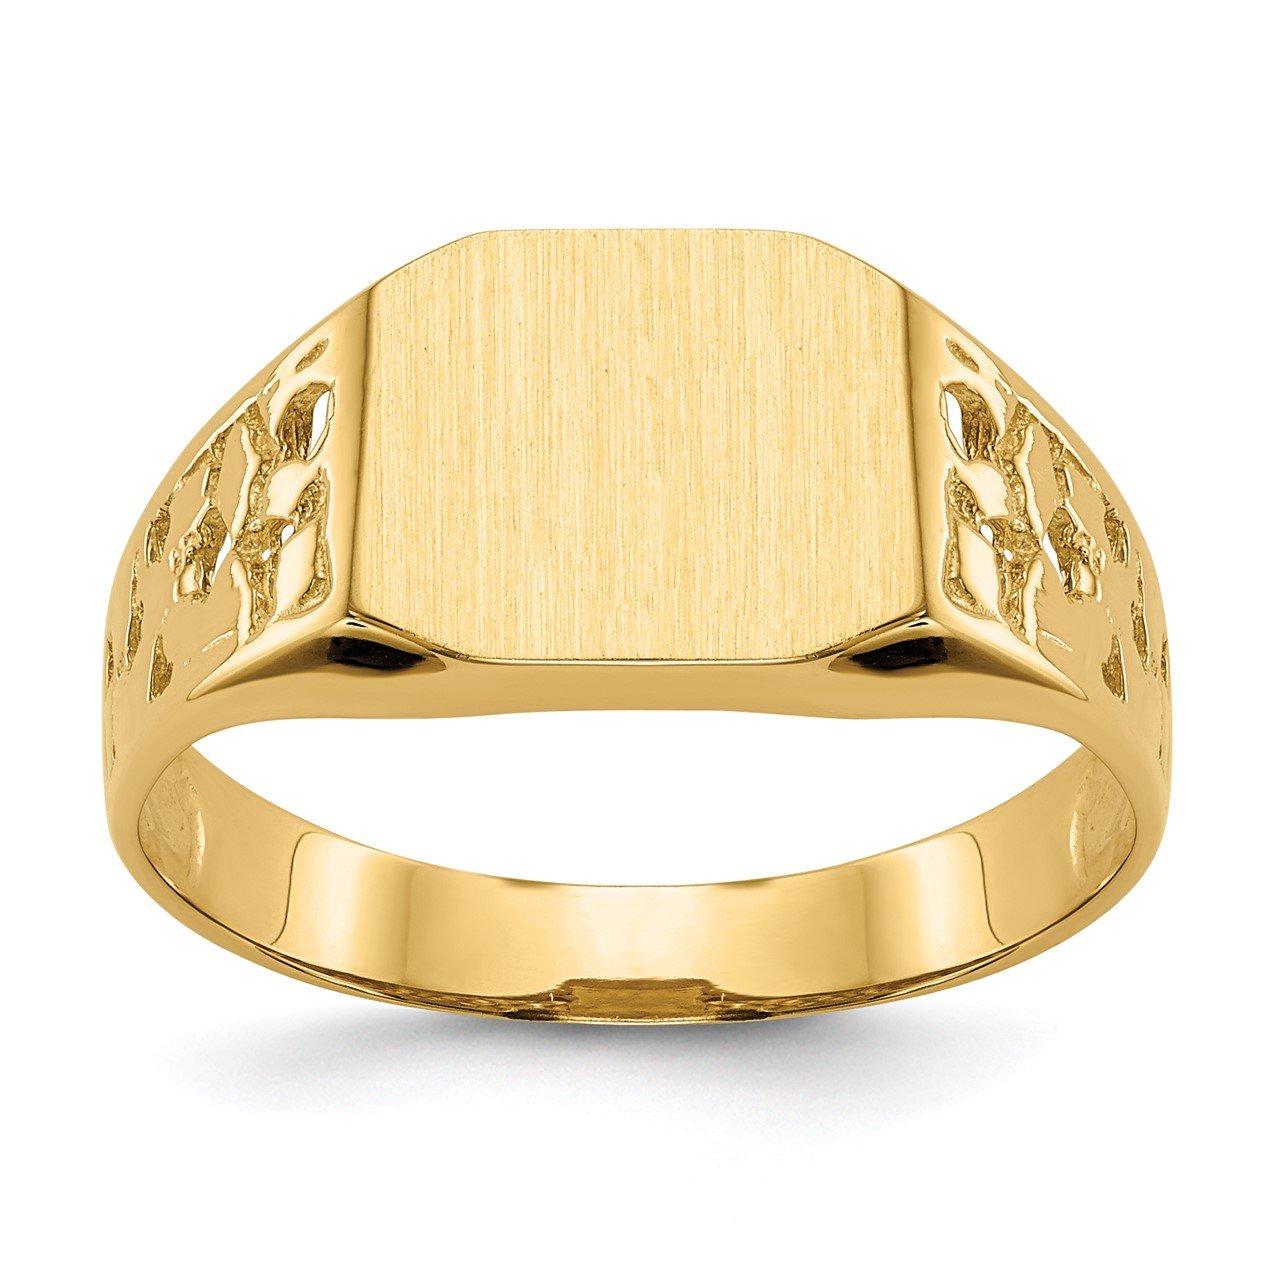 14k 9.0x10.5mm Open Back Men's Signet Ring